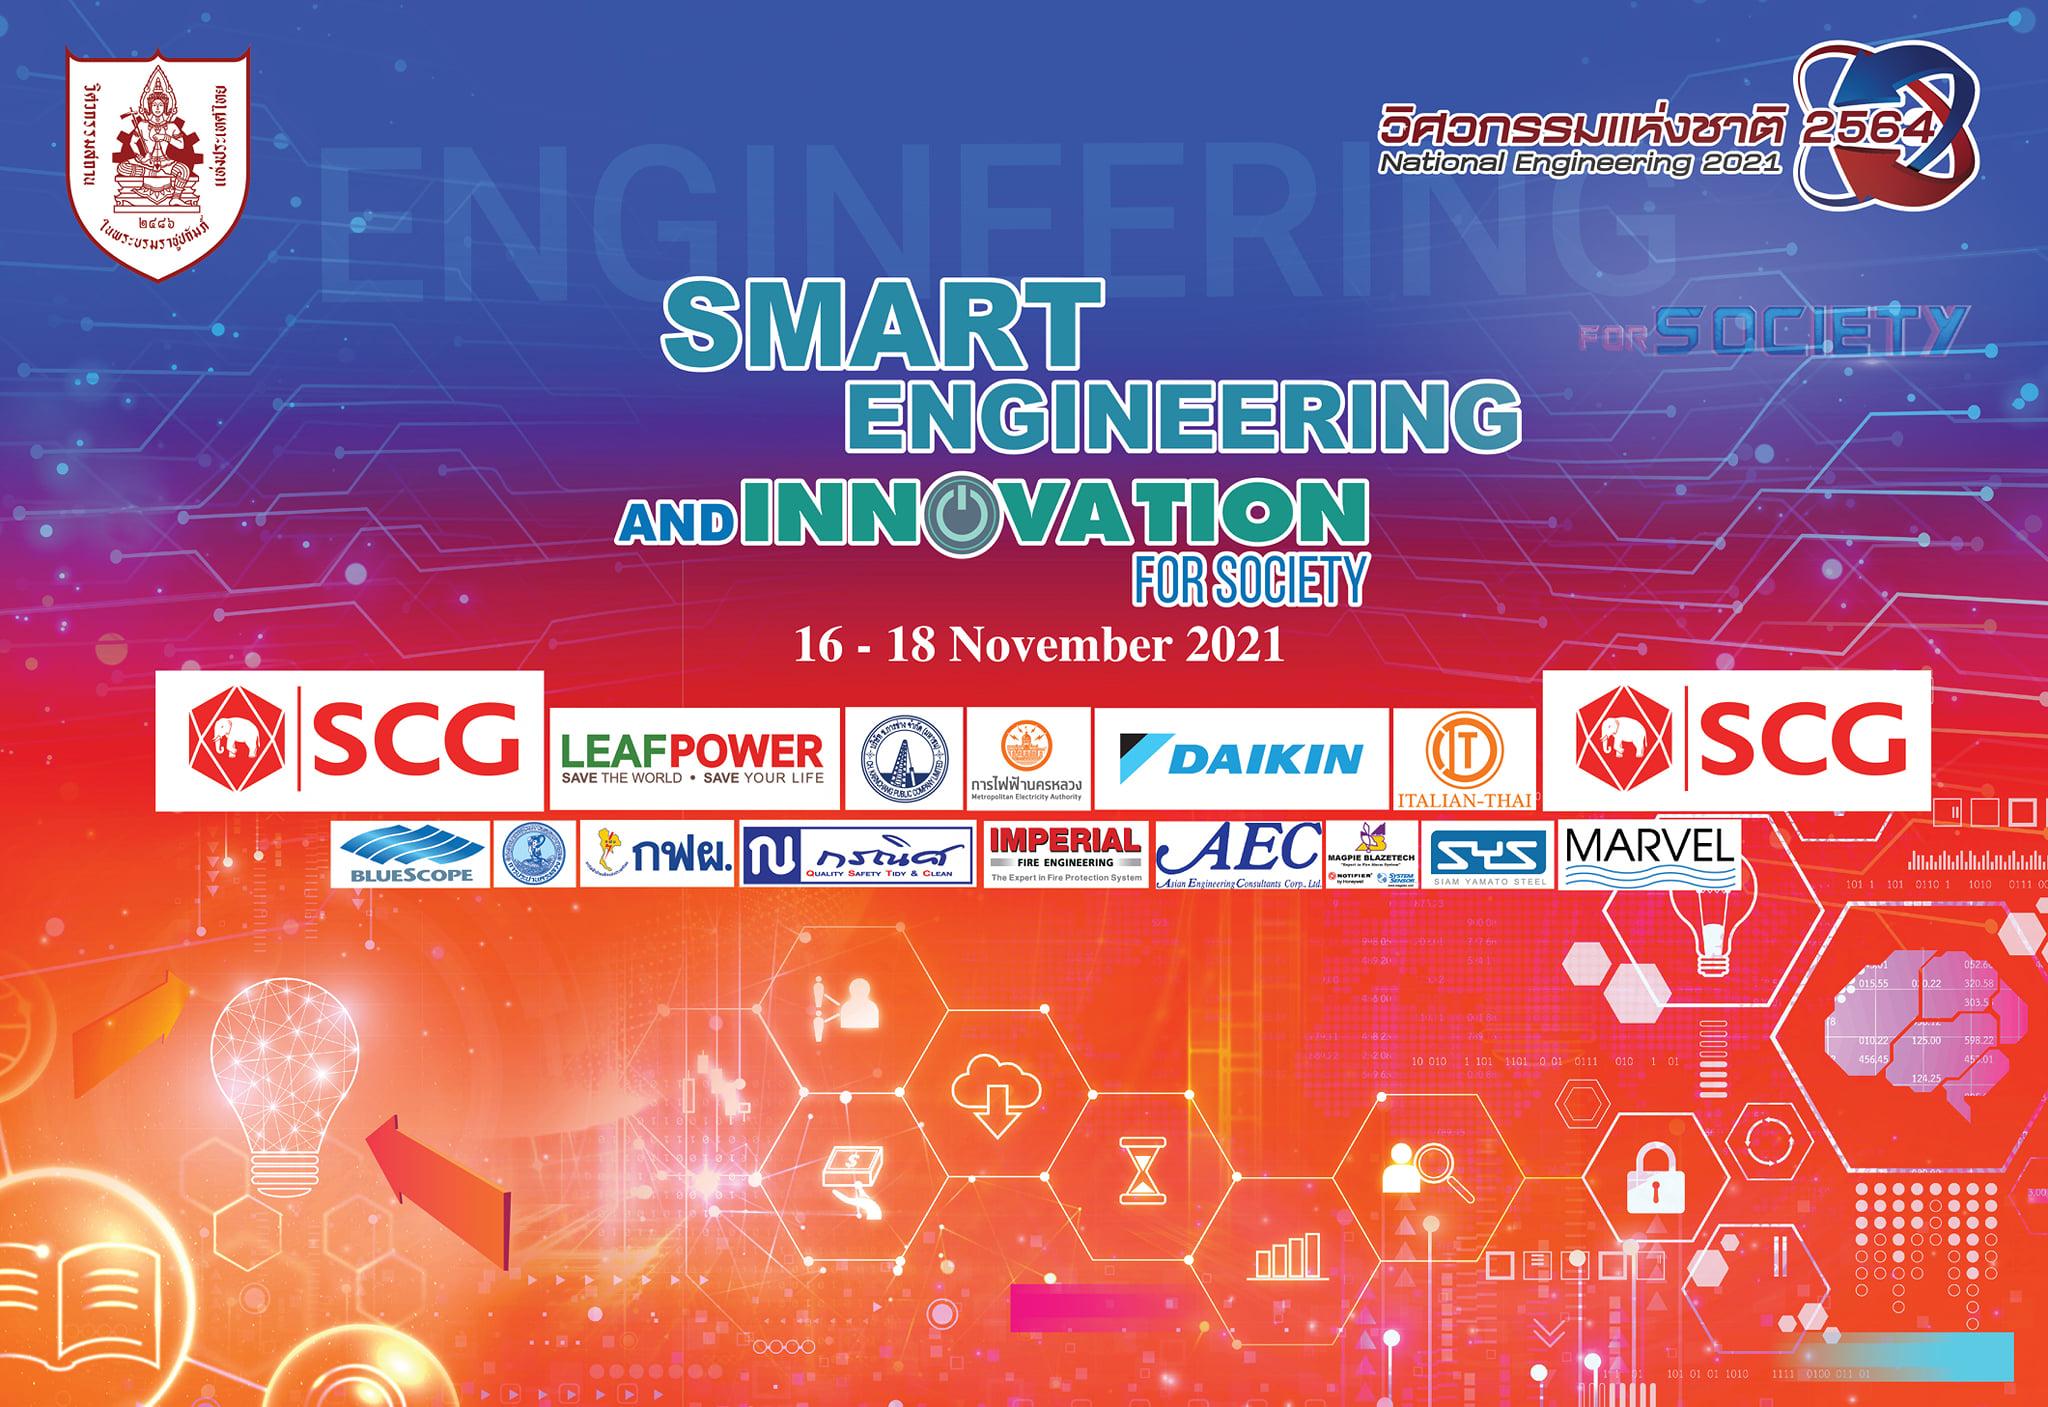 """ขอขอบคุณผู้สนับสนุนงานวิศวกรรมแห่งชาติ 2564 ระหว่างวันที่ 16-18 พฤศจิกายน 2564 ภายใต้หัวข้อ """"Smart Engineering and Innovation for Society"""